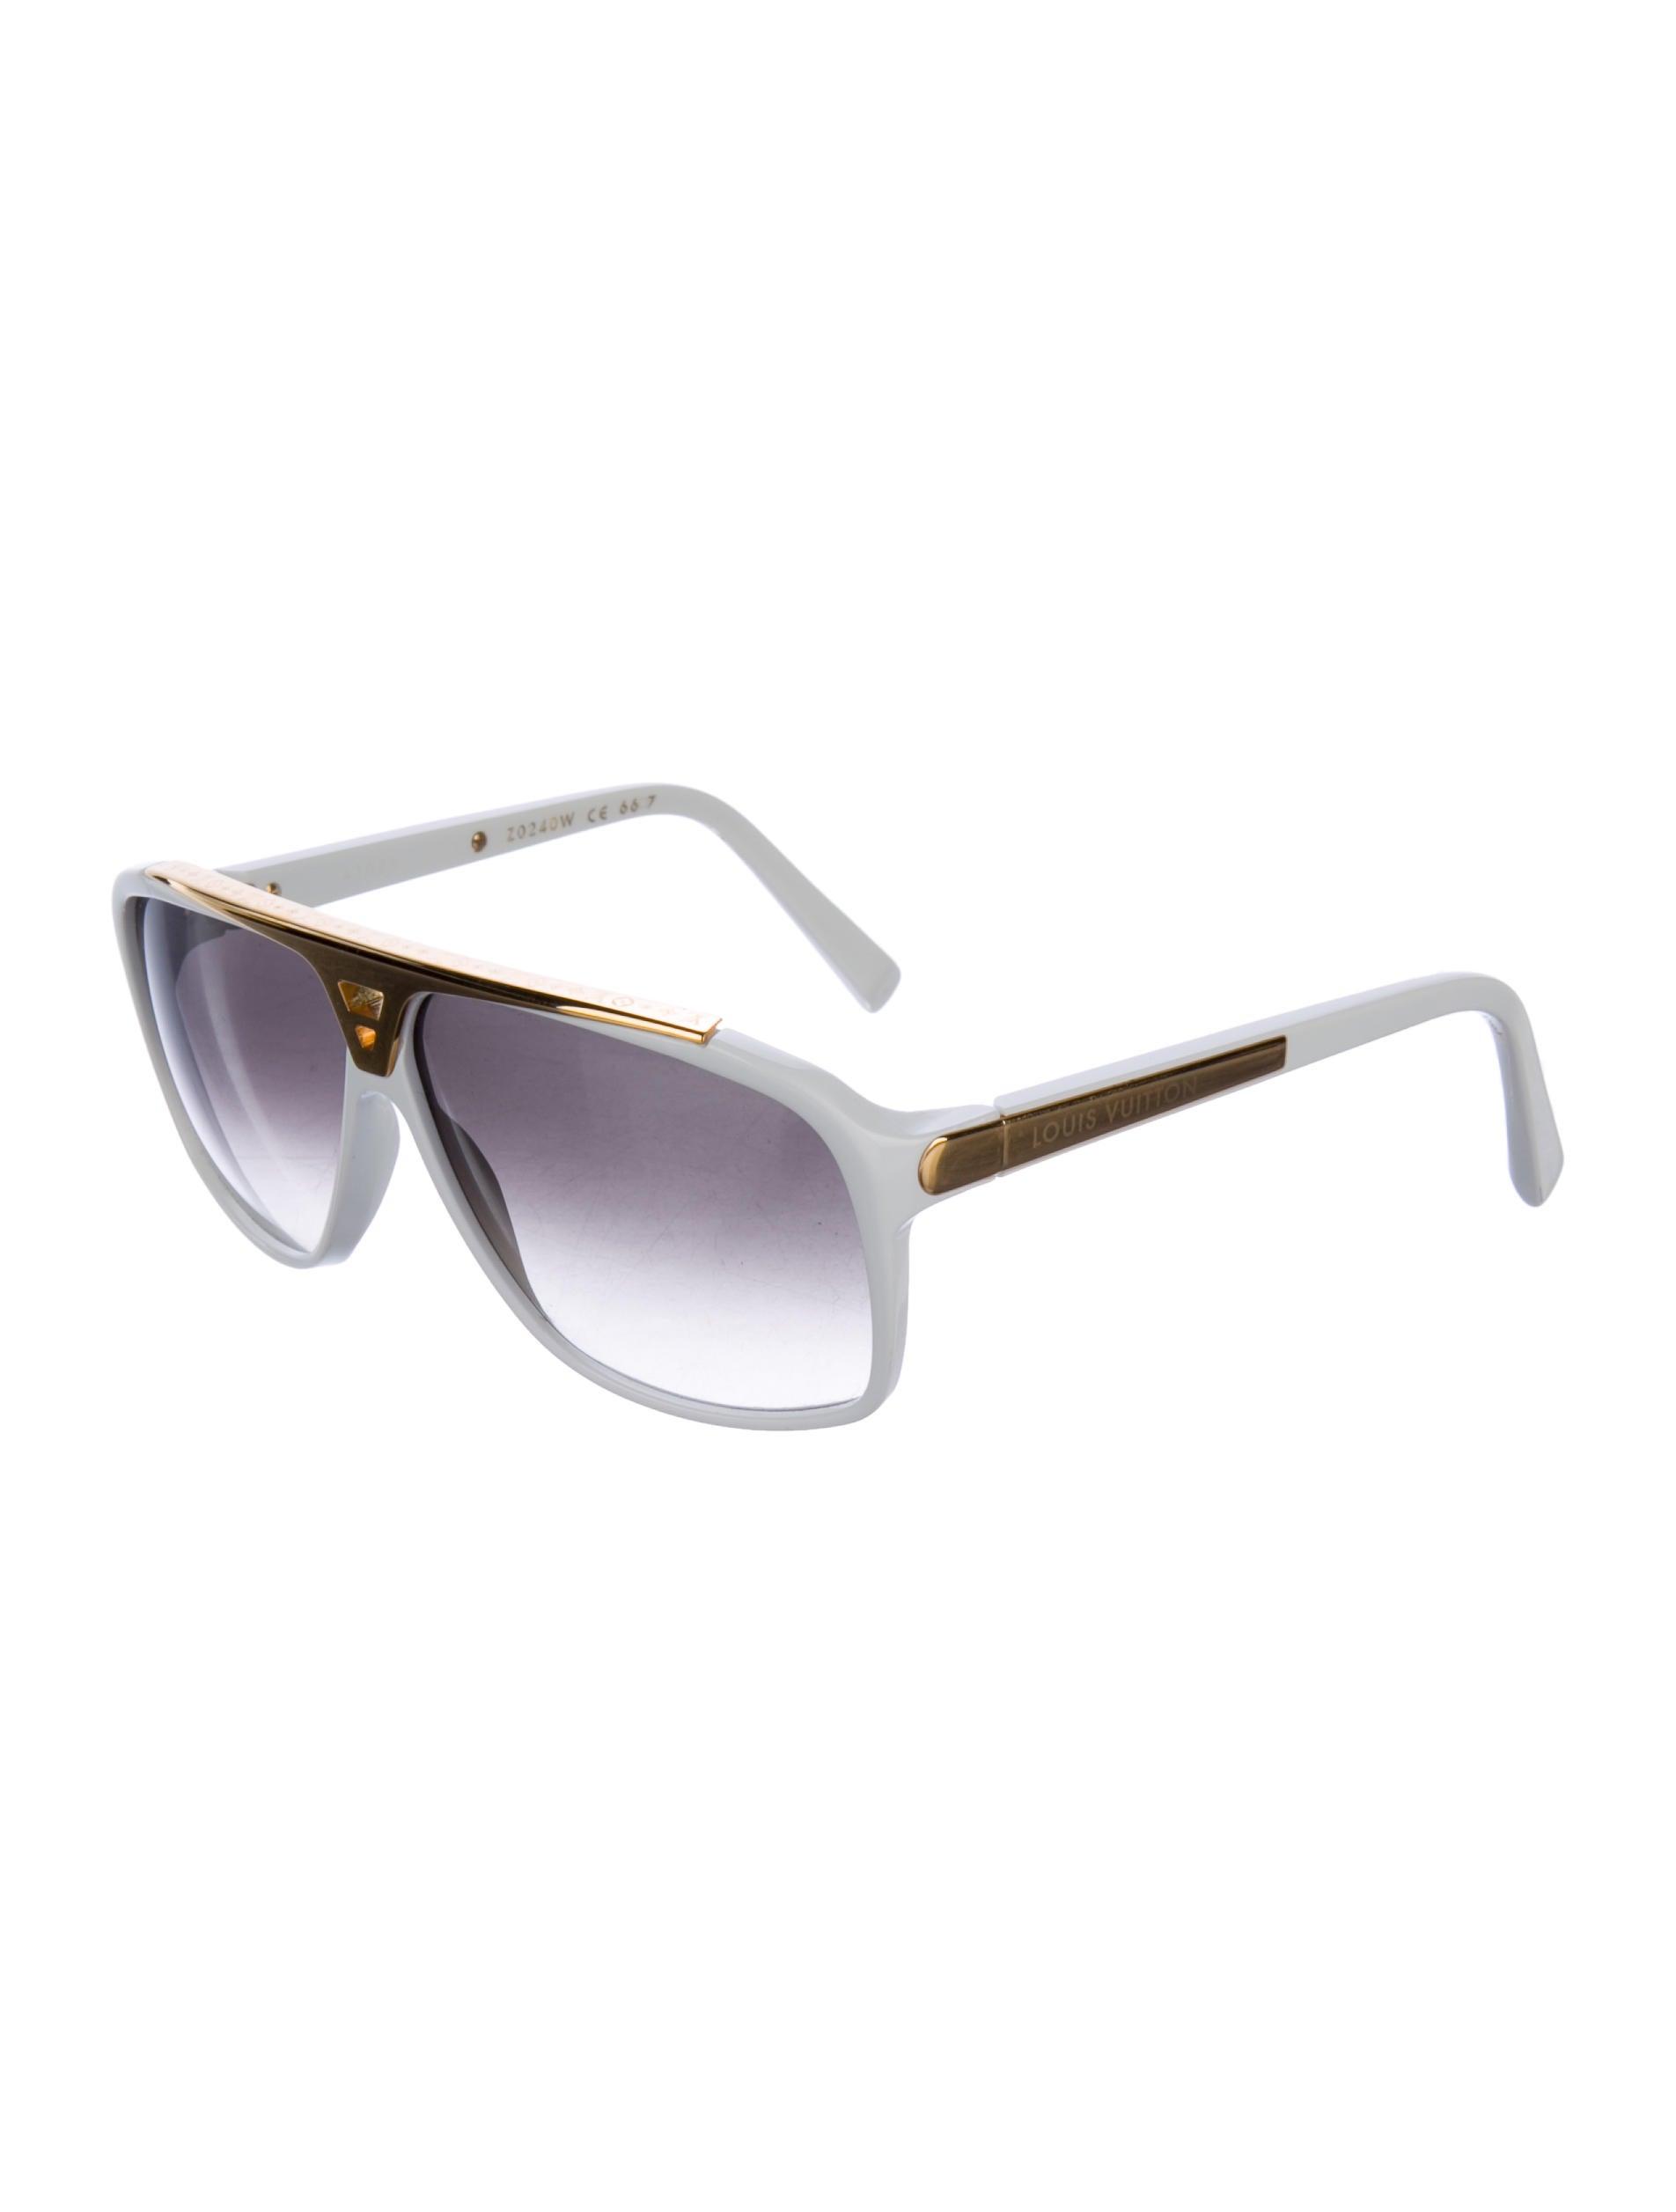 edbebaa2613 Louis Vuitton Vintage Aviator Sunglasses